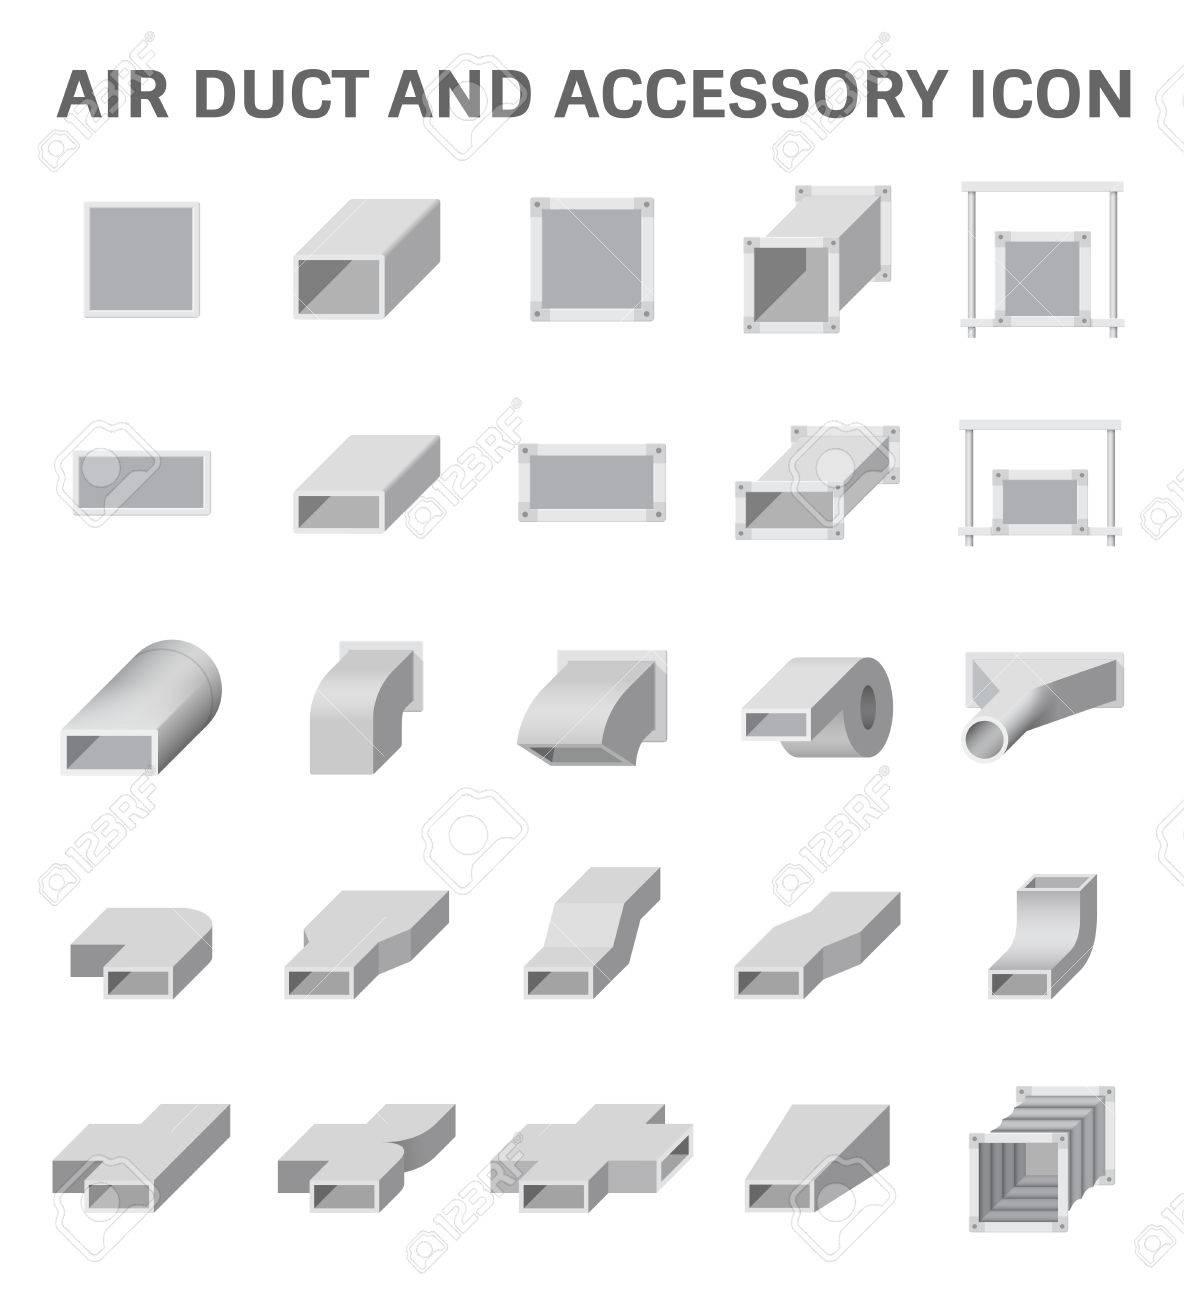 Symbol Der Luftkanal Und Zubehör Für Die Klimaanlage Oder HVAC ...